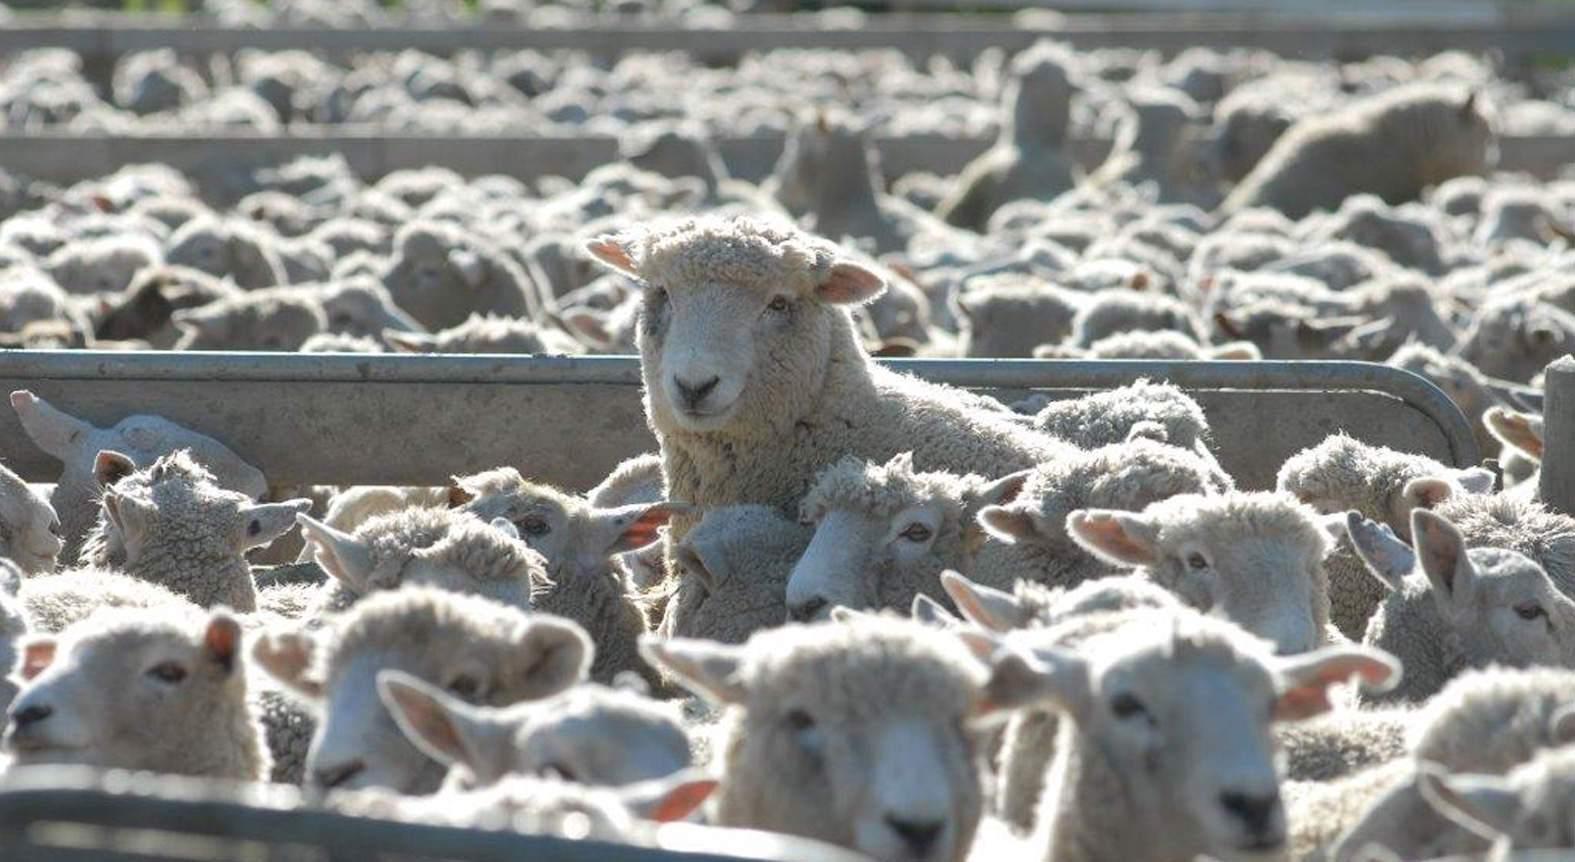 100% finance for livestock